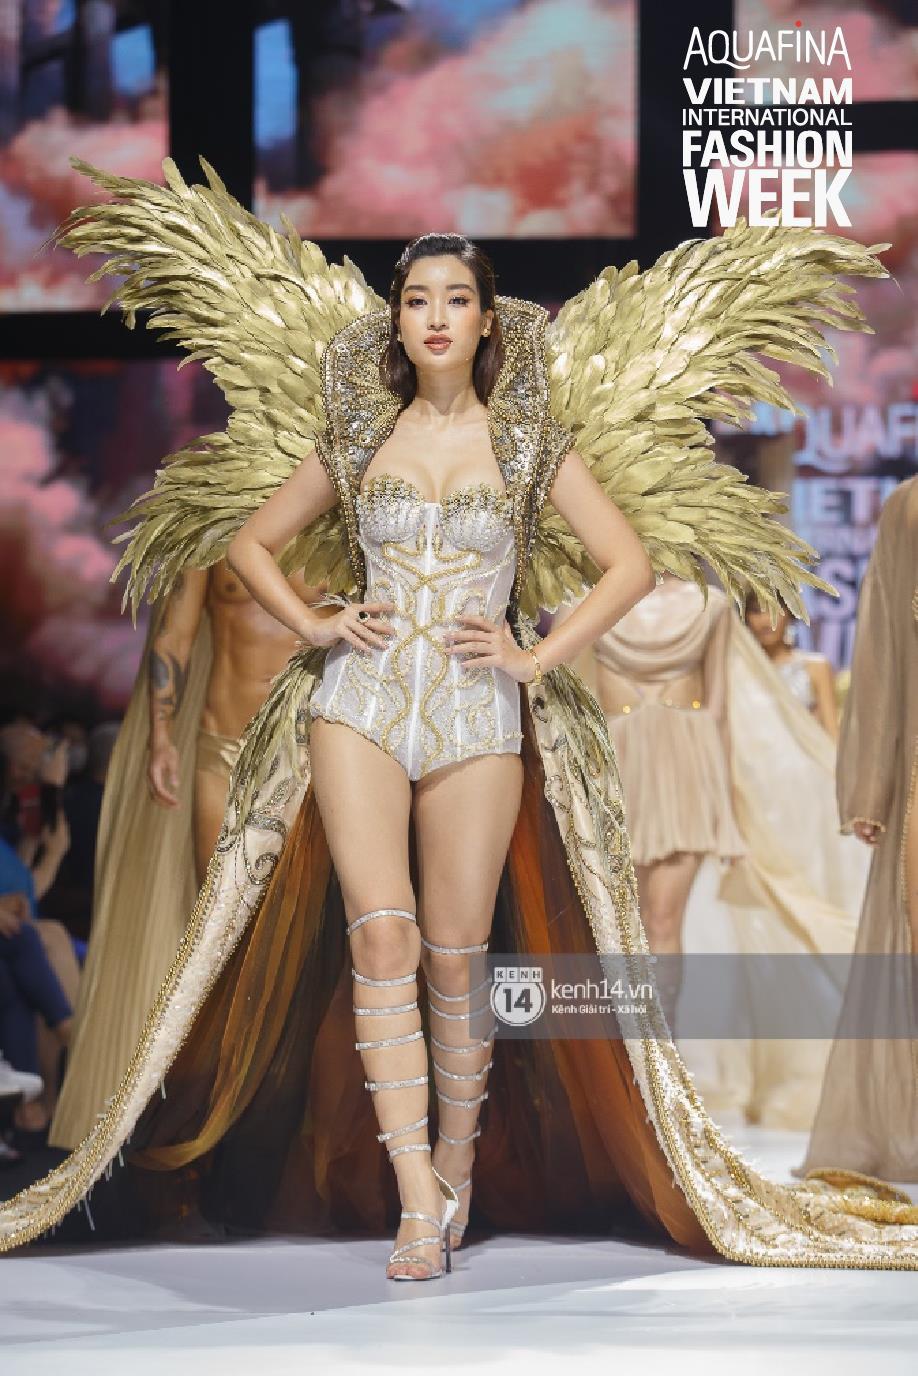 """Nhìn lại những nhan sắc """"cực phẩm"""" trên sàn diễn Aquafina Tuần lễ Thời trang Quốc tế Việt Nam 2020 - Ảnh 1."""